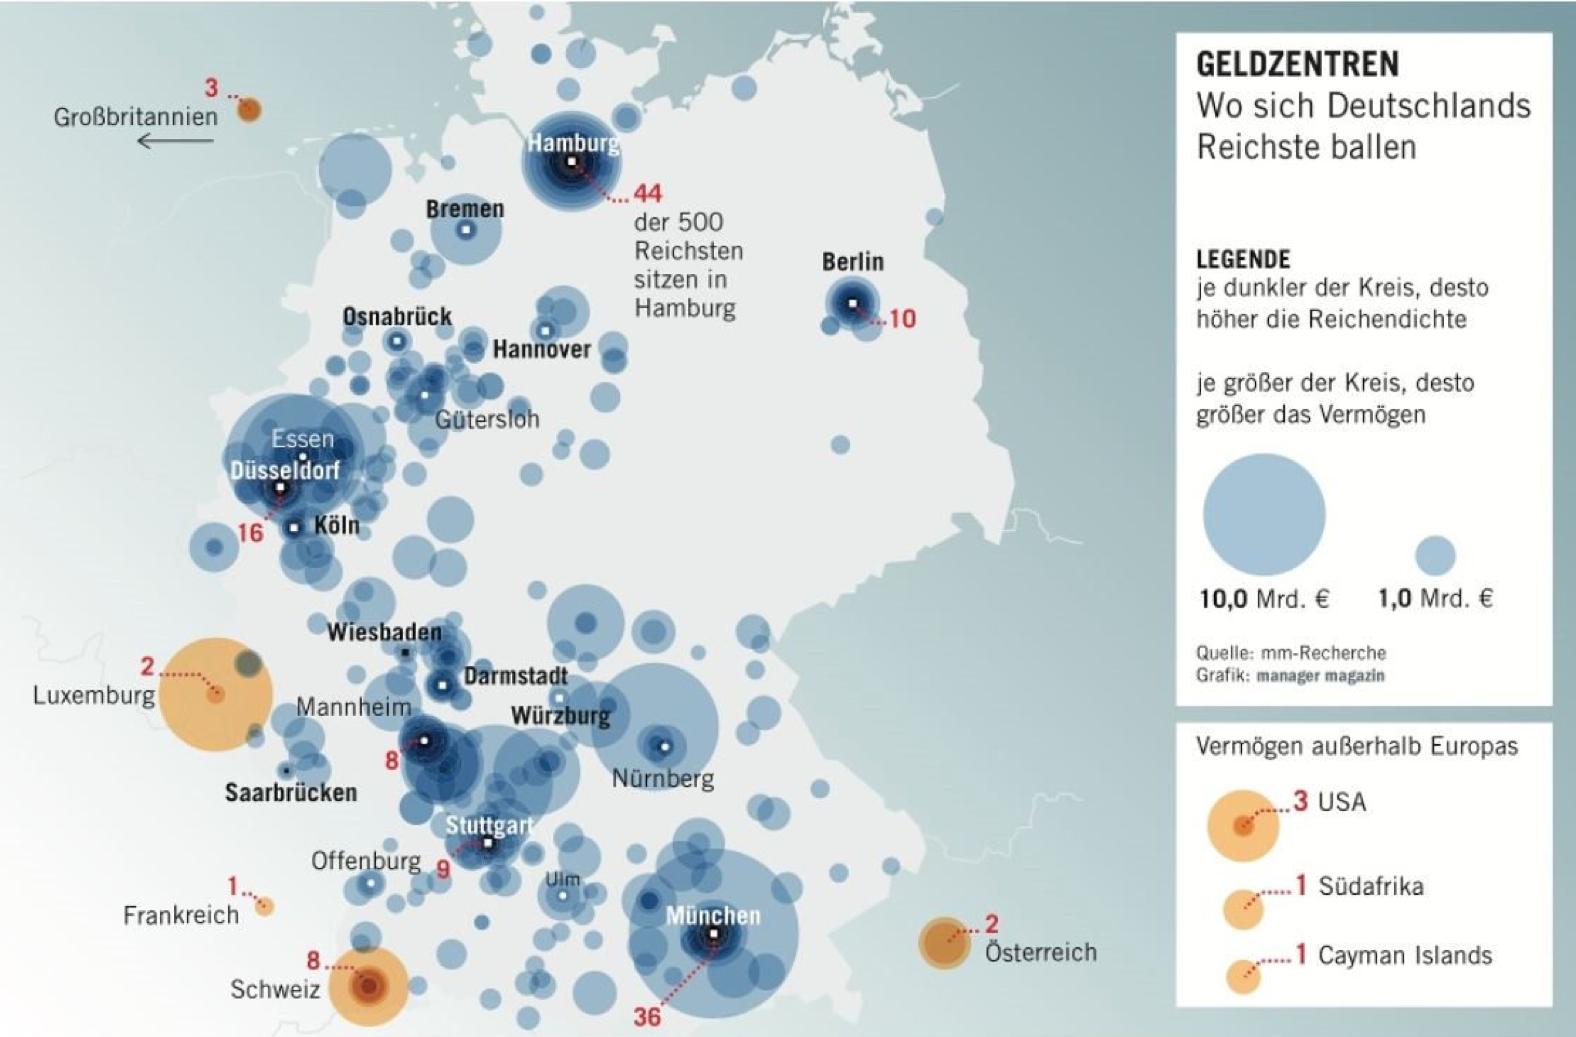 Reiche Städte Deutschland